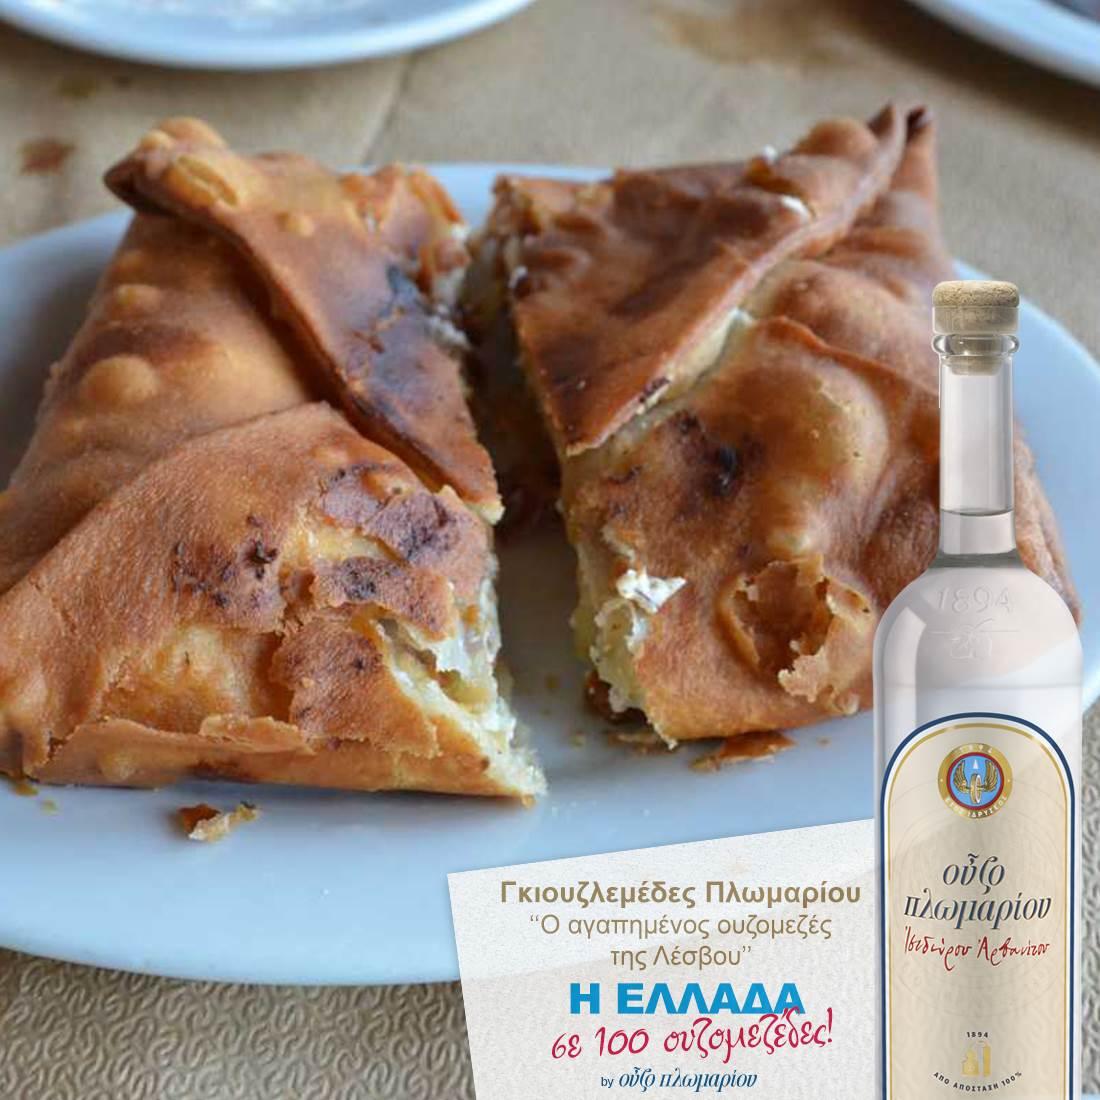 Γκιουζλεμέδες Πλωμαρίου - Ουζομεζέδες - Greek Gastronomy Guide